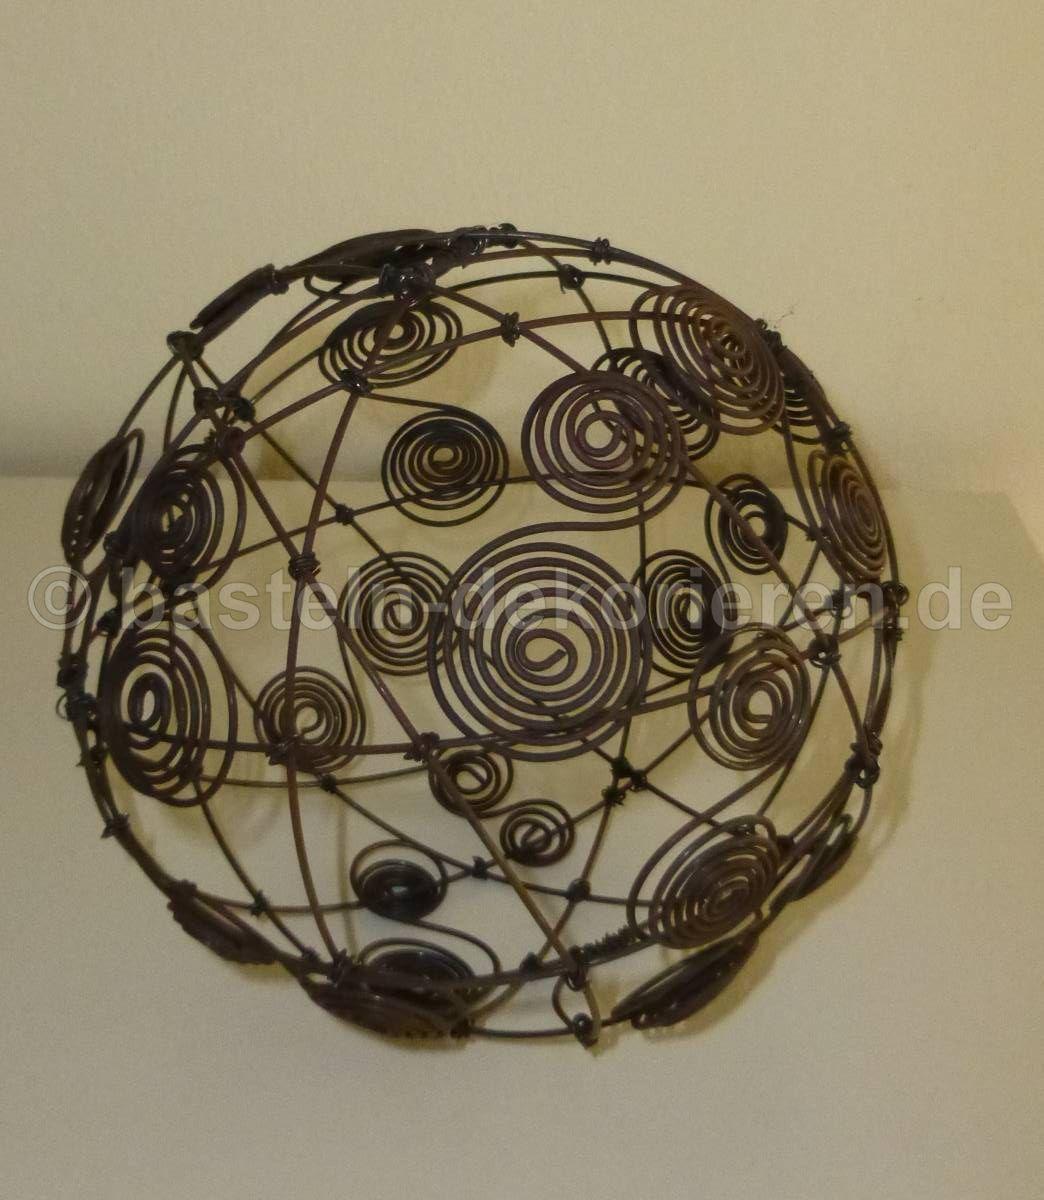 Drahtkugel mit Spiralen aus Draht dekoriert als Innendeko. | Deko ...